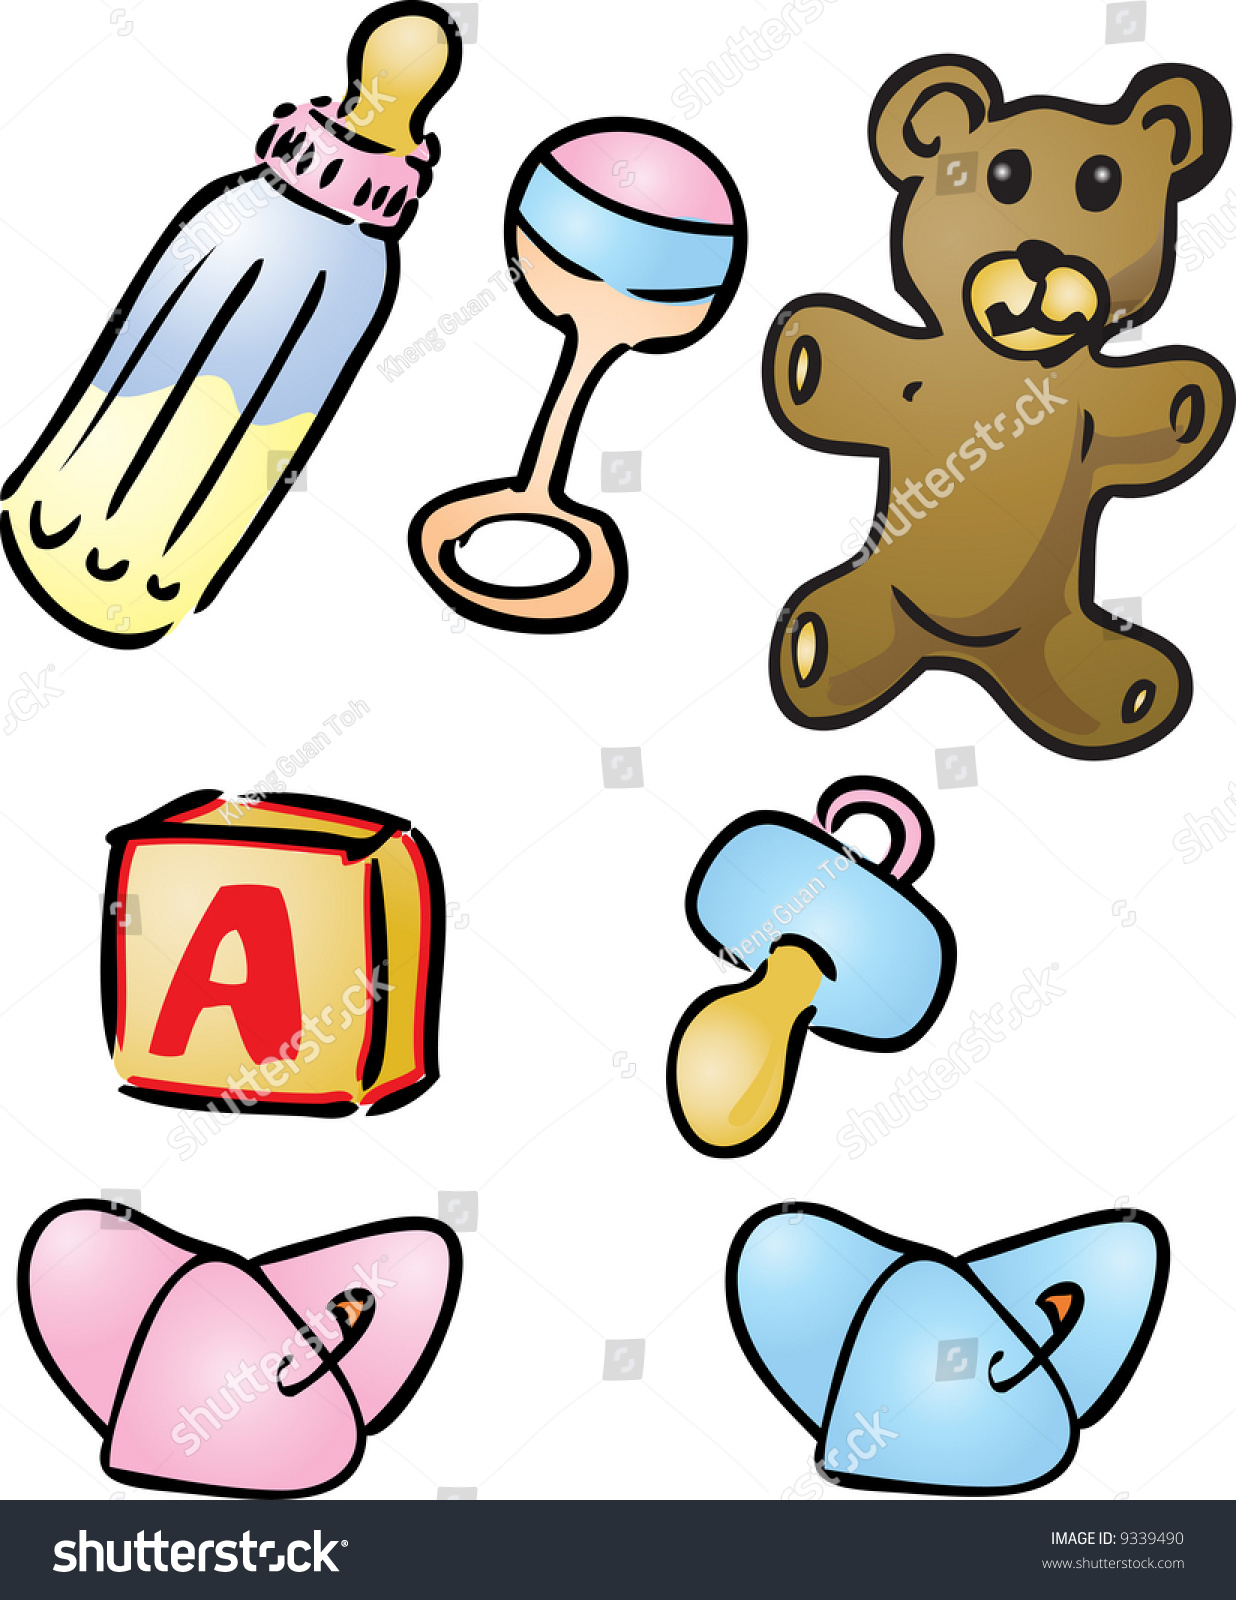 创意英文字母微信头像